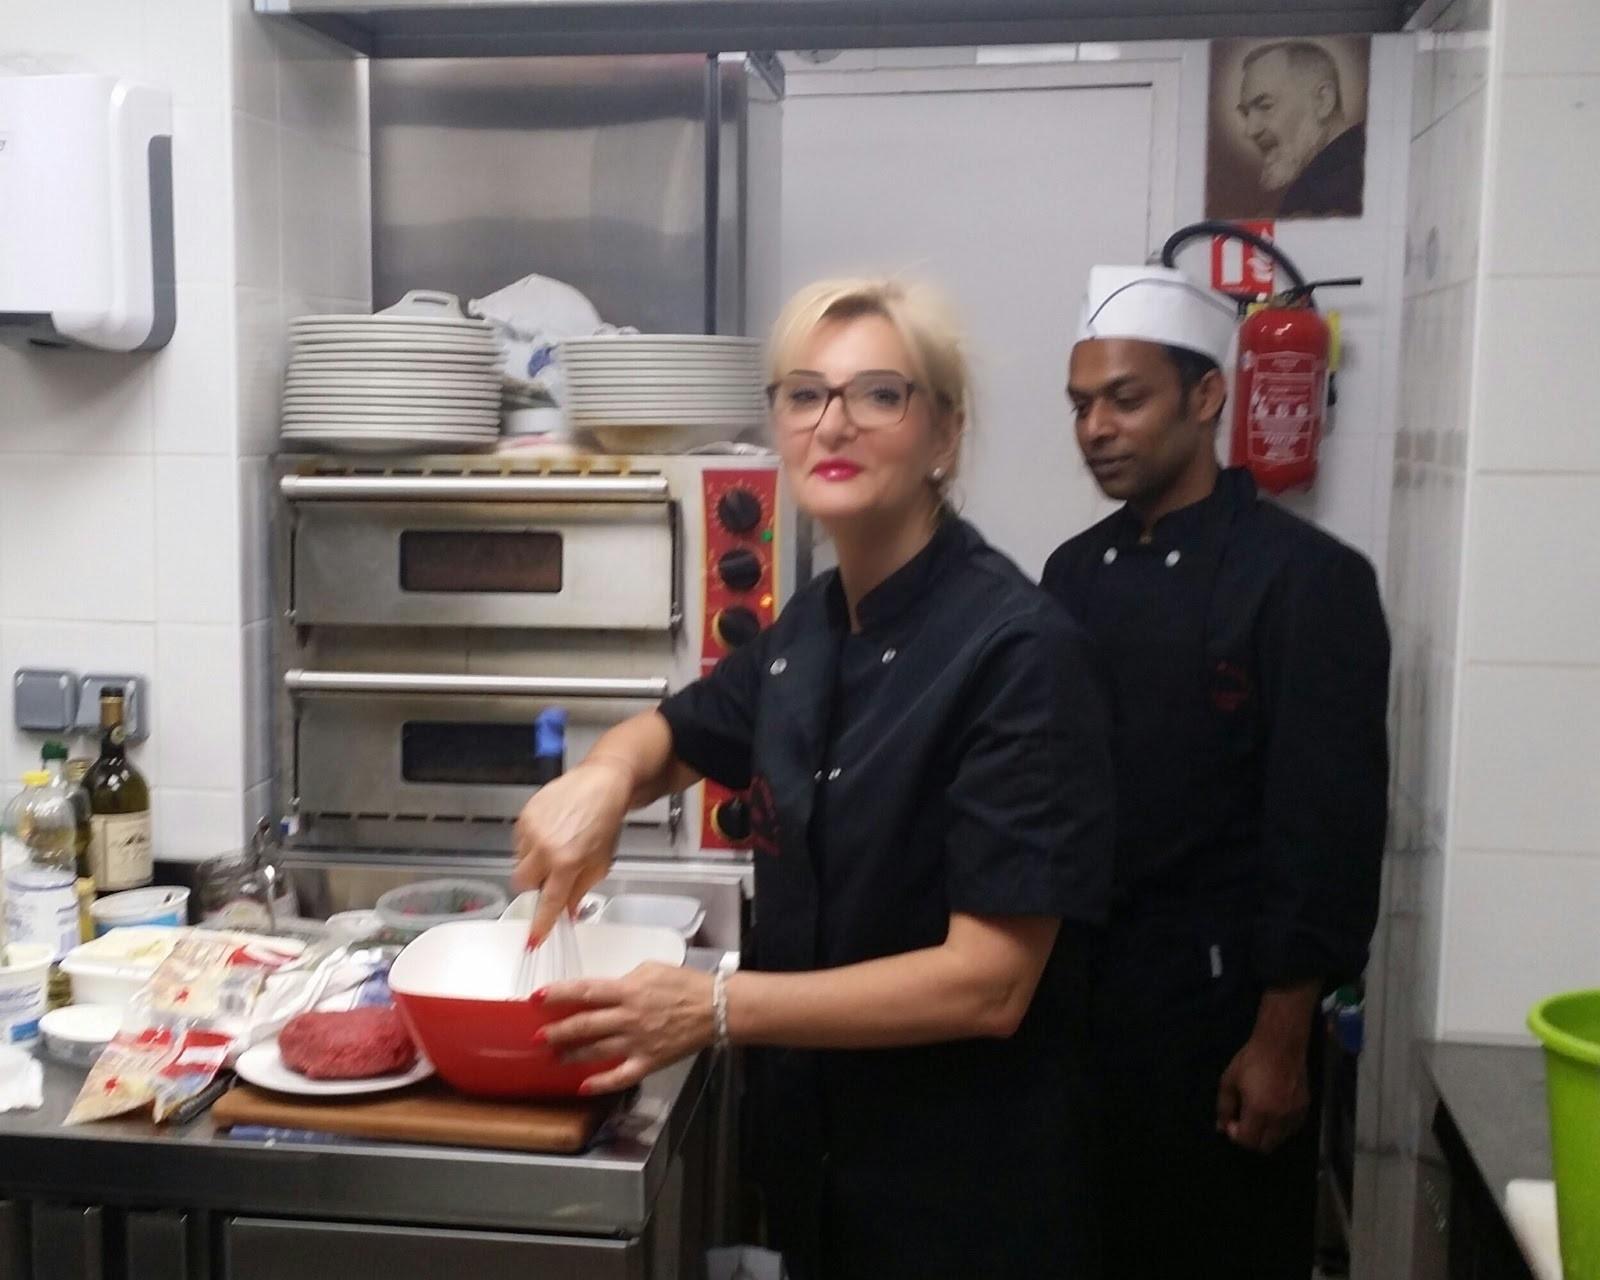 plusieurs personnes ont ouvert des restaurants et vienne rgulirement prendre des cours la cuisine reste inventives chacun de nous mettrerai ca fantaisie - Cours De Cuisine Italienne Paris